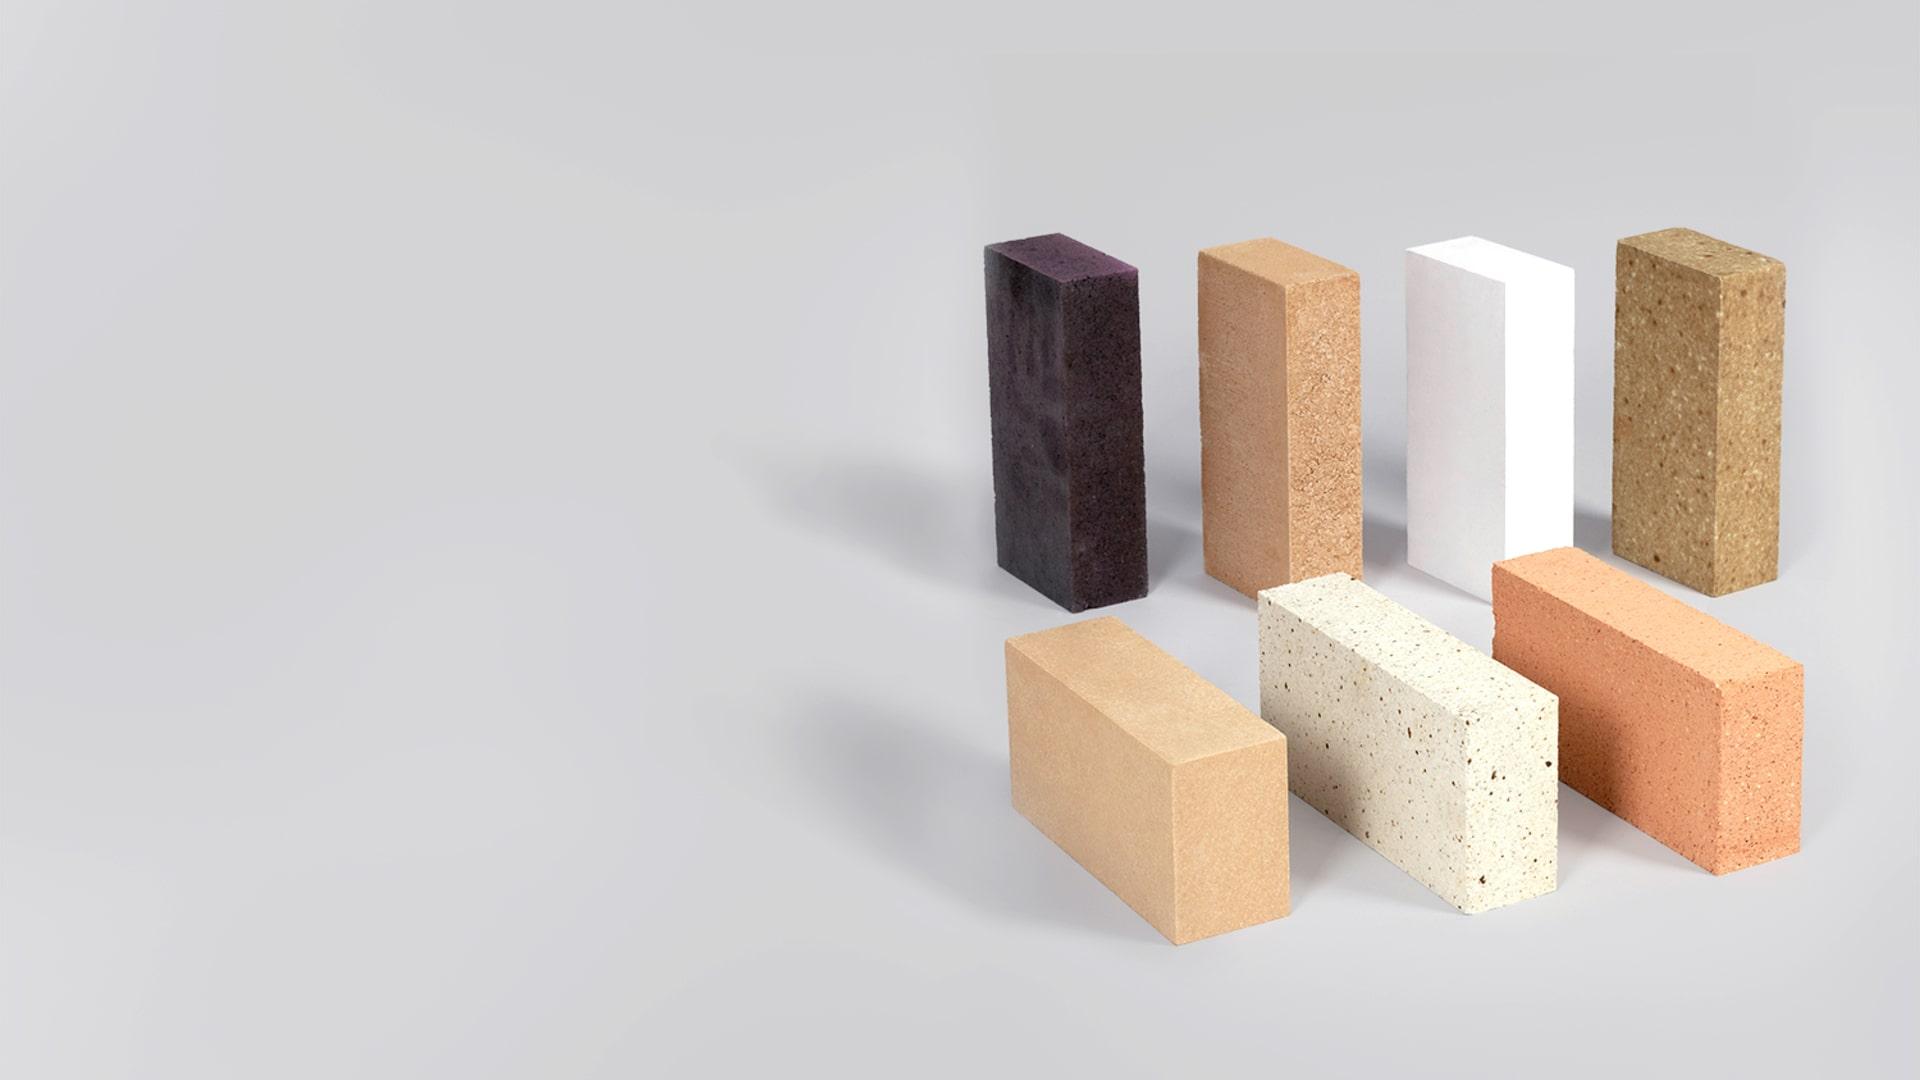 معرفی انواع آجر برای ساختمان سازی استوارسازان